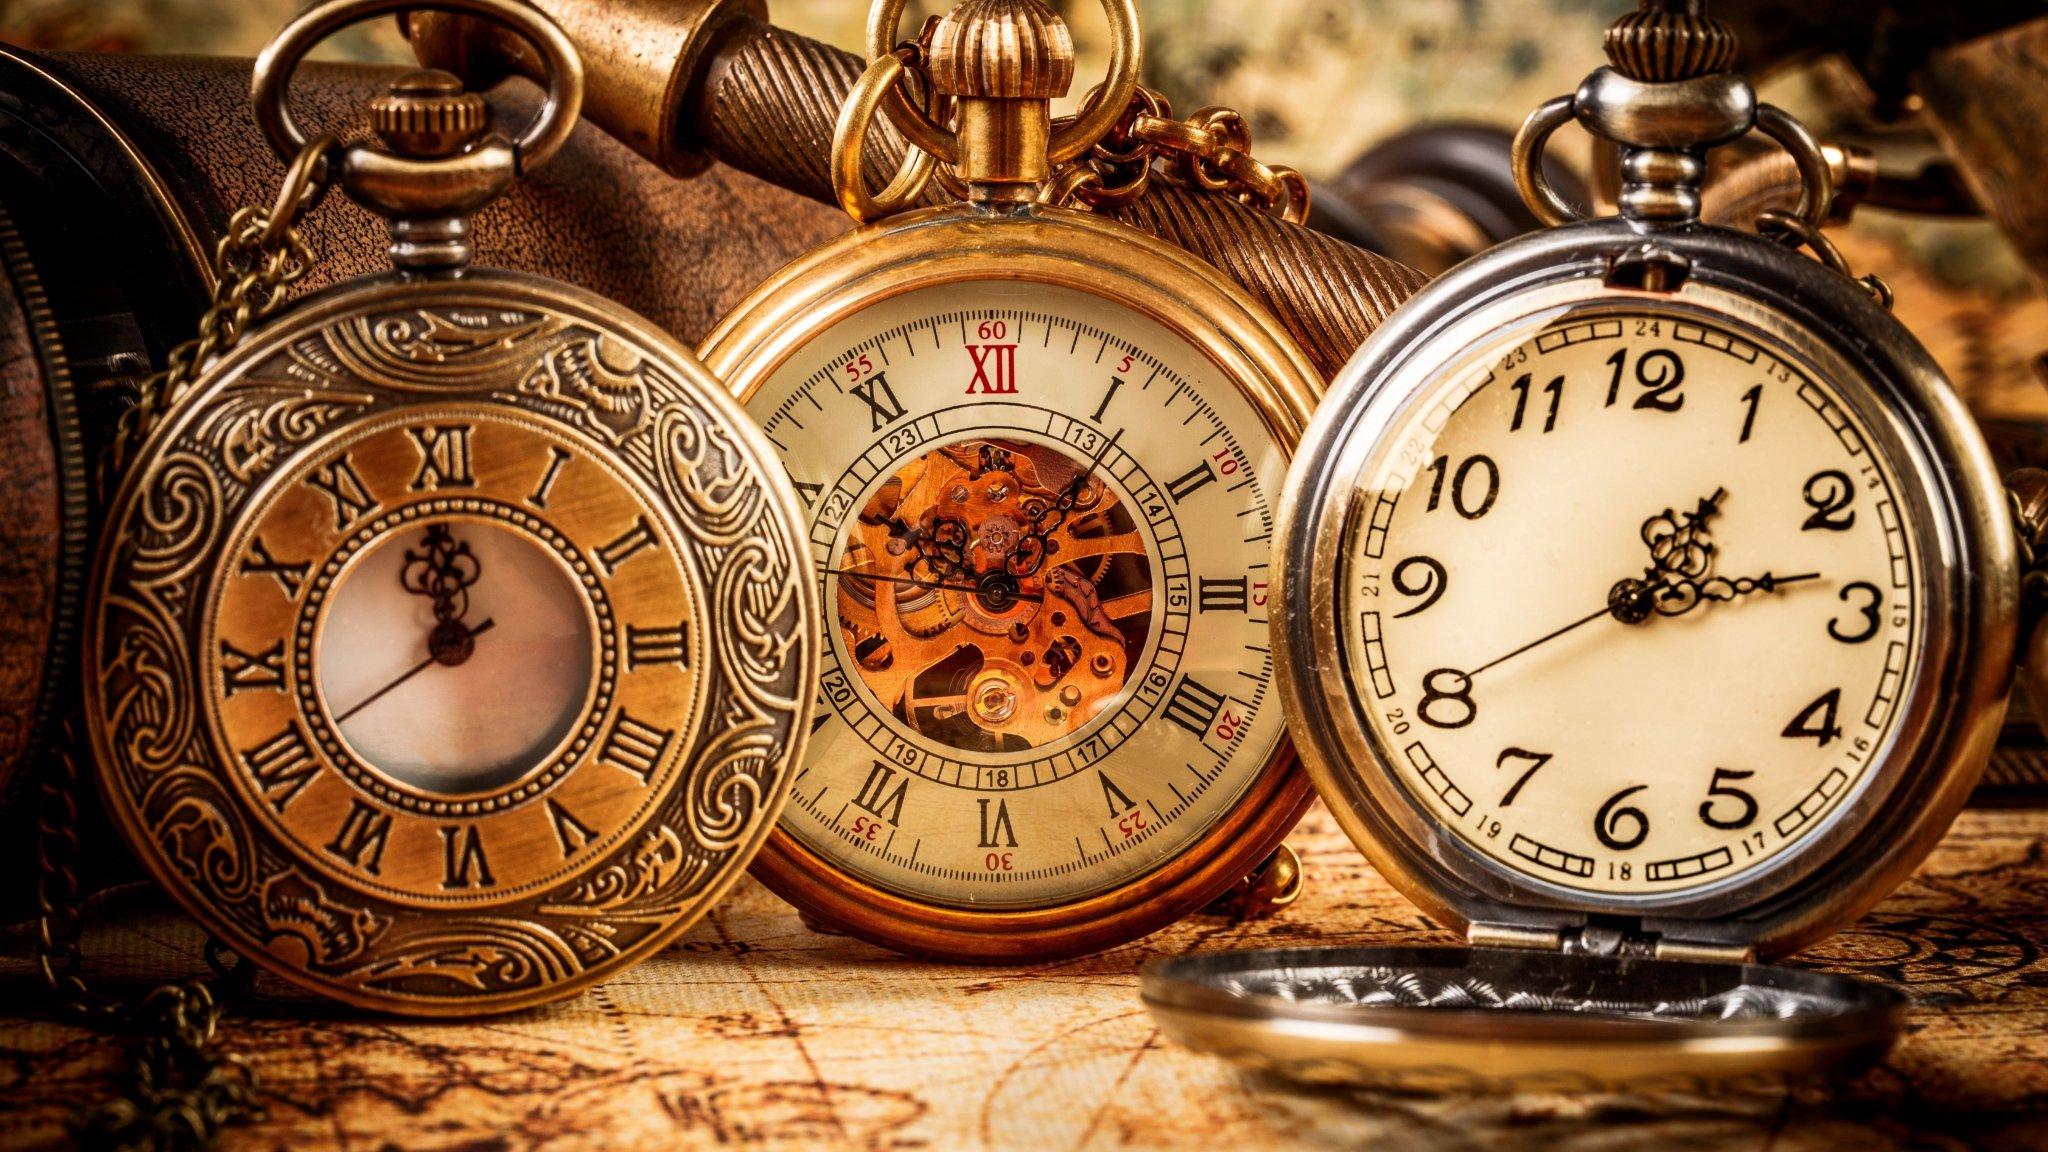 «Что бы ты сделал, имея способность управления временем?» - Изображение 2